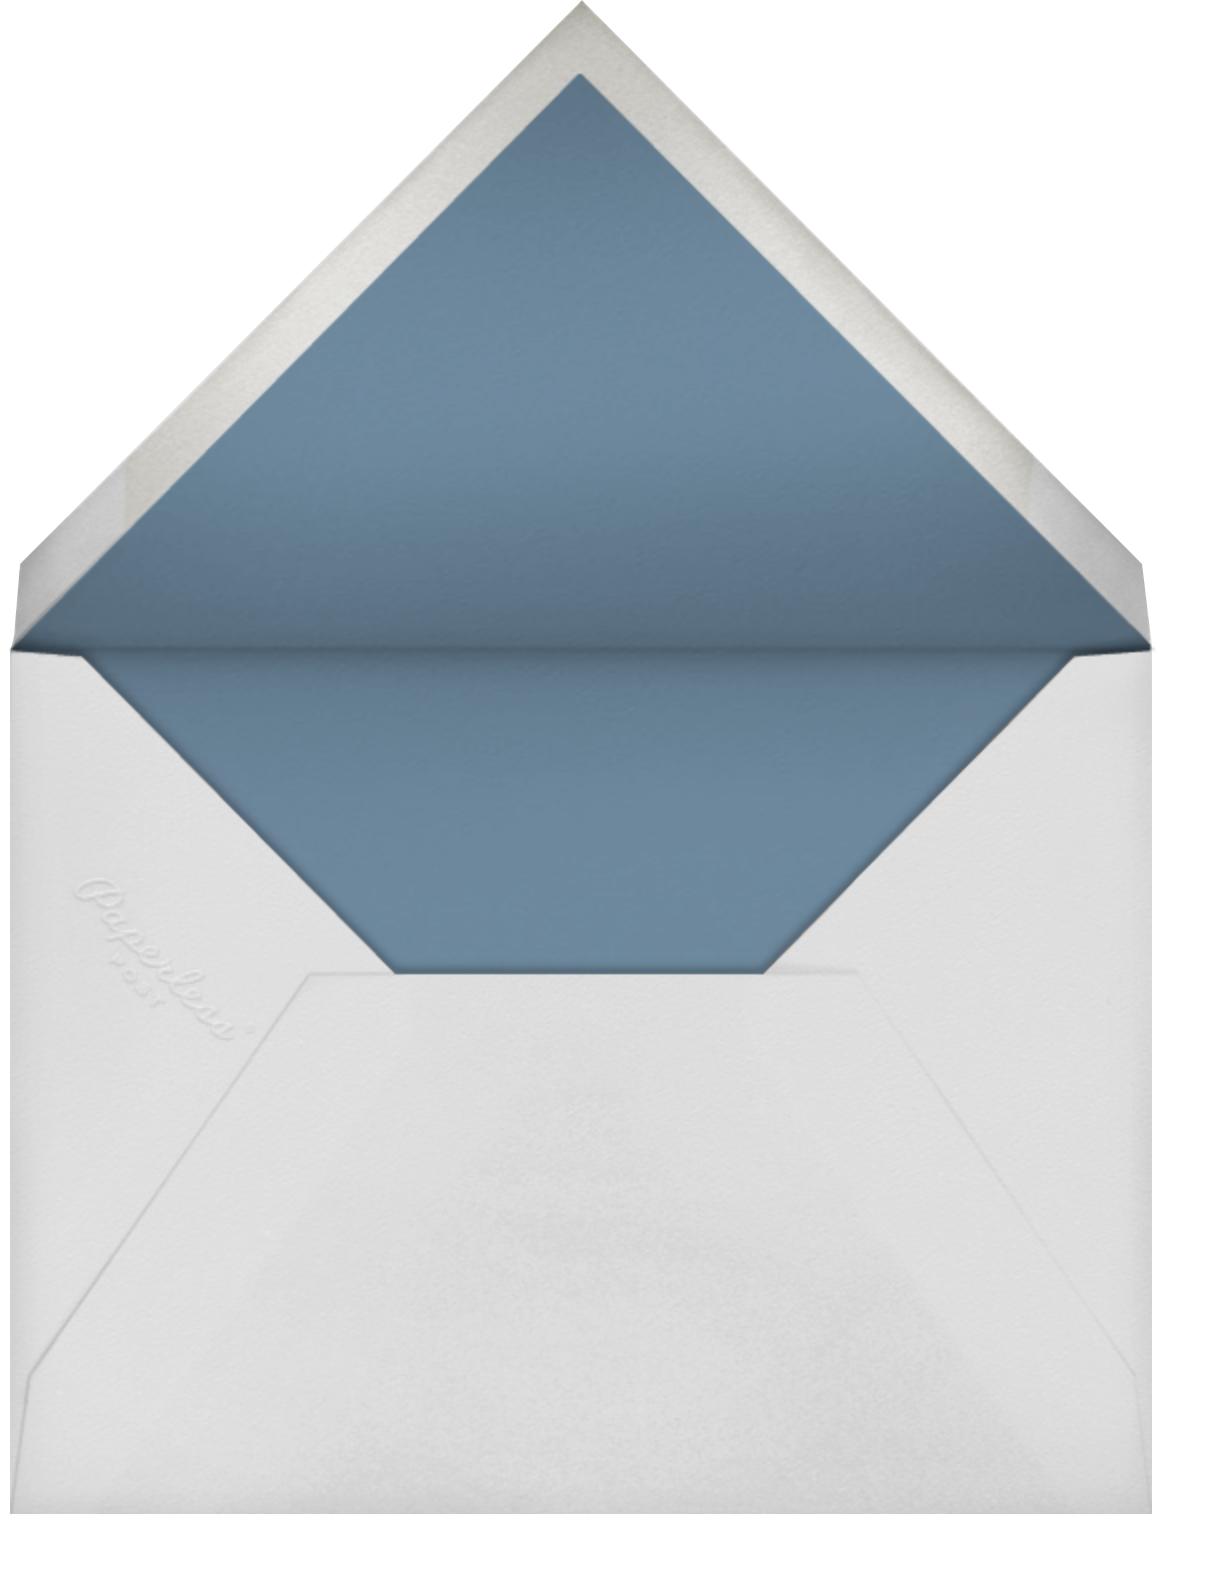 Marbled - Oscar de la Renta - General entertaining - envelope back